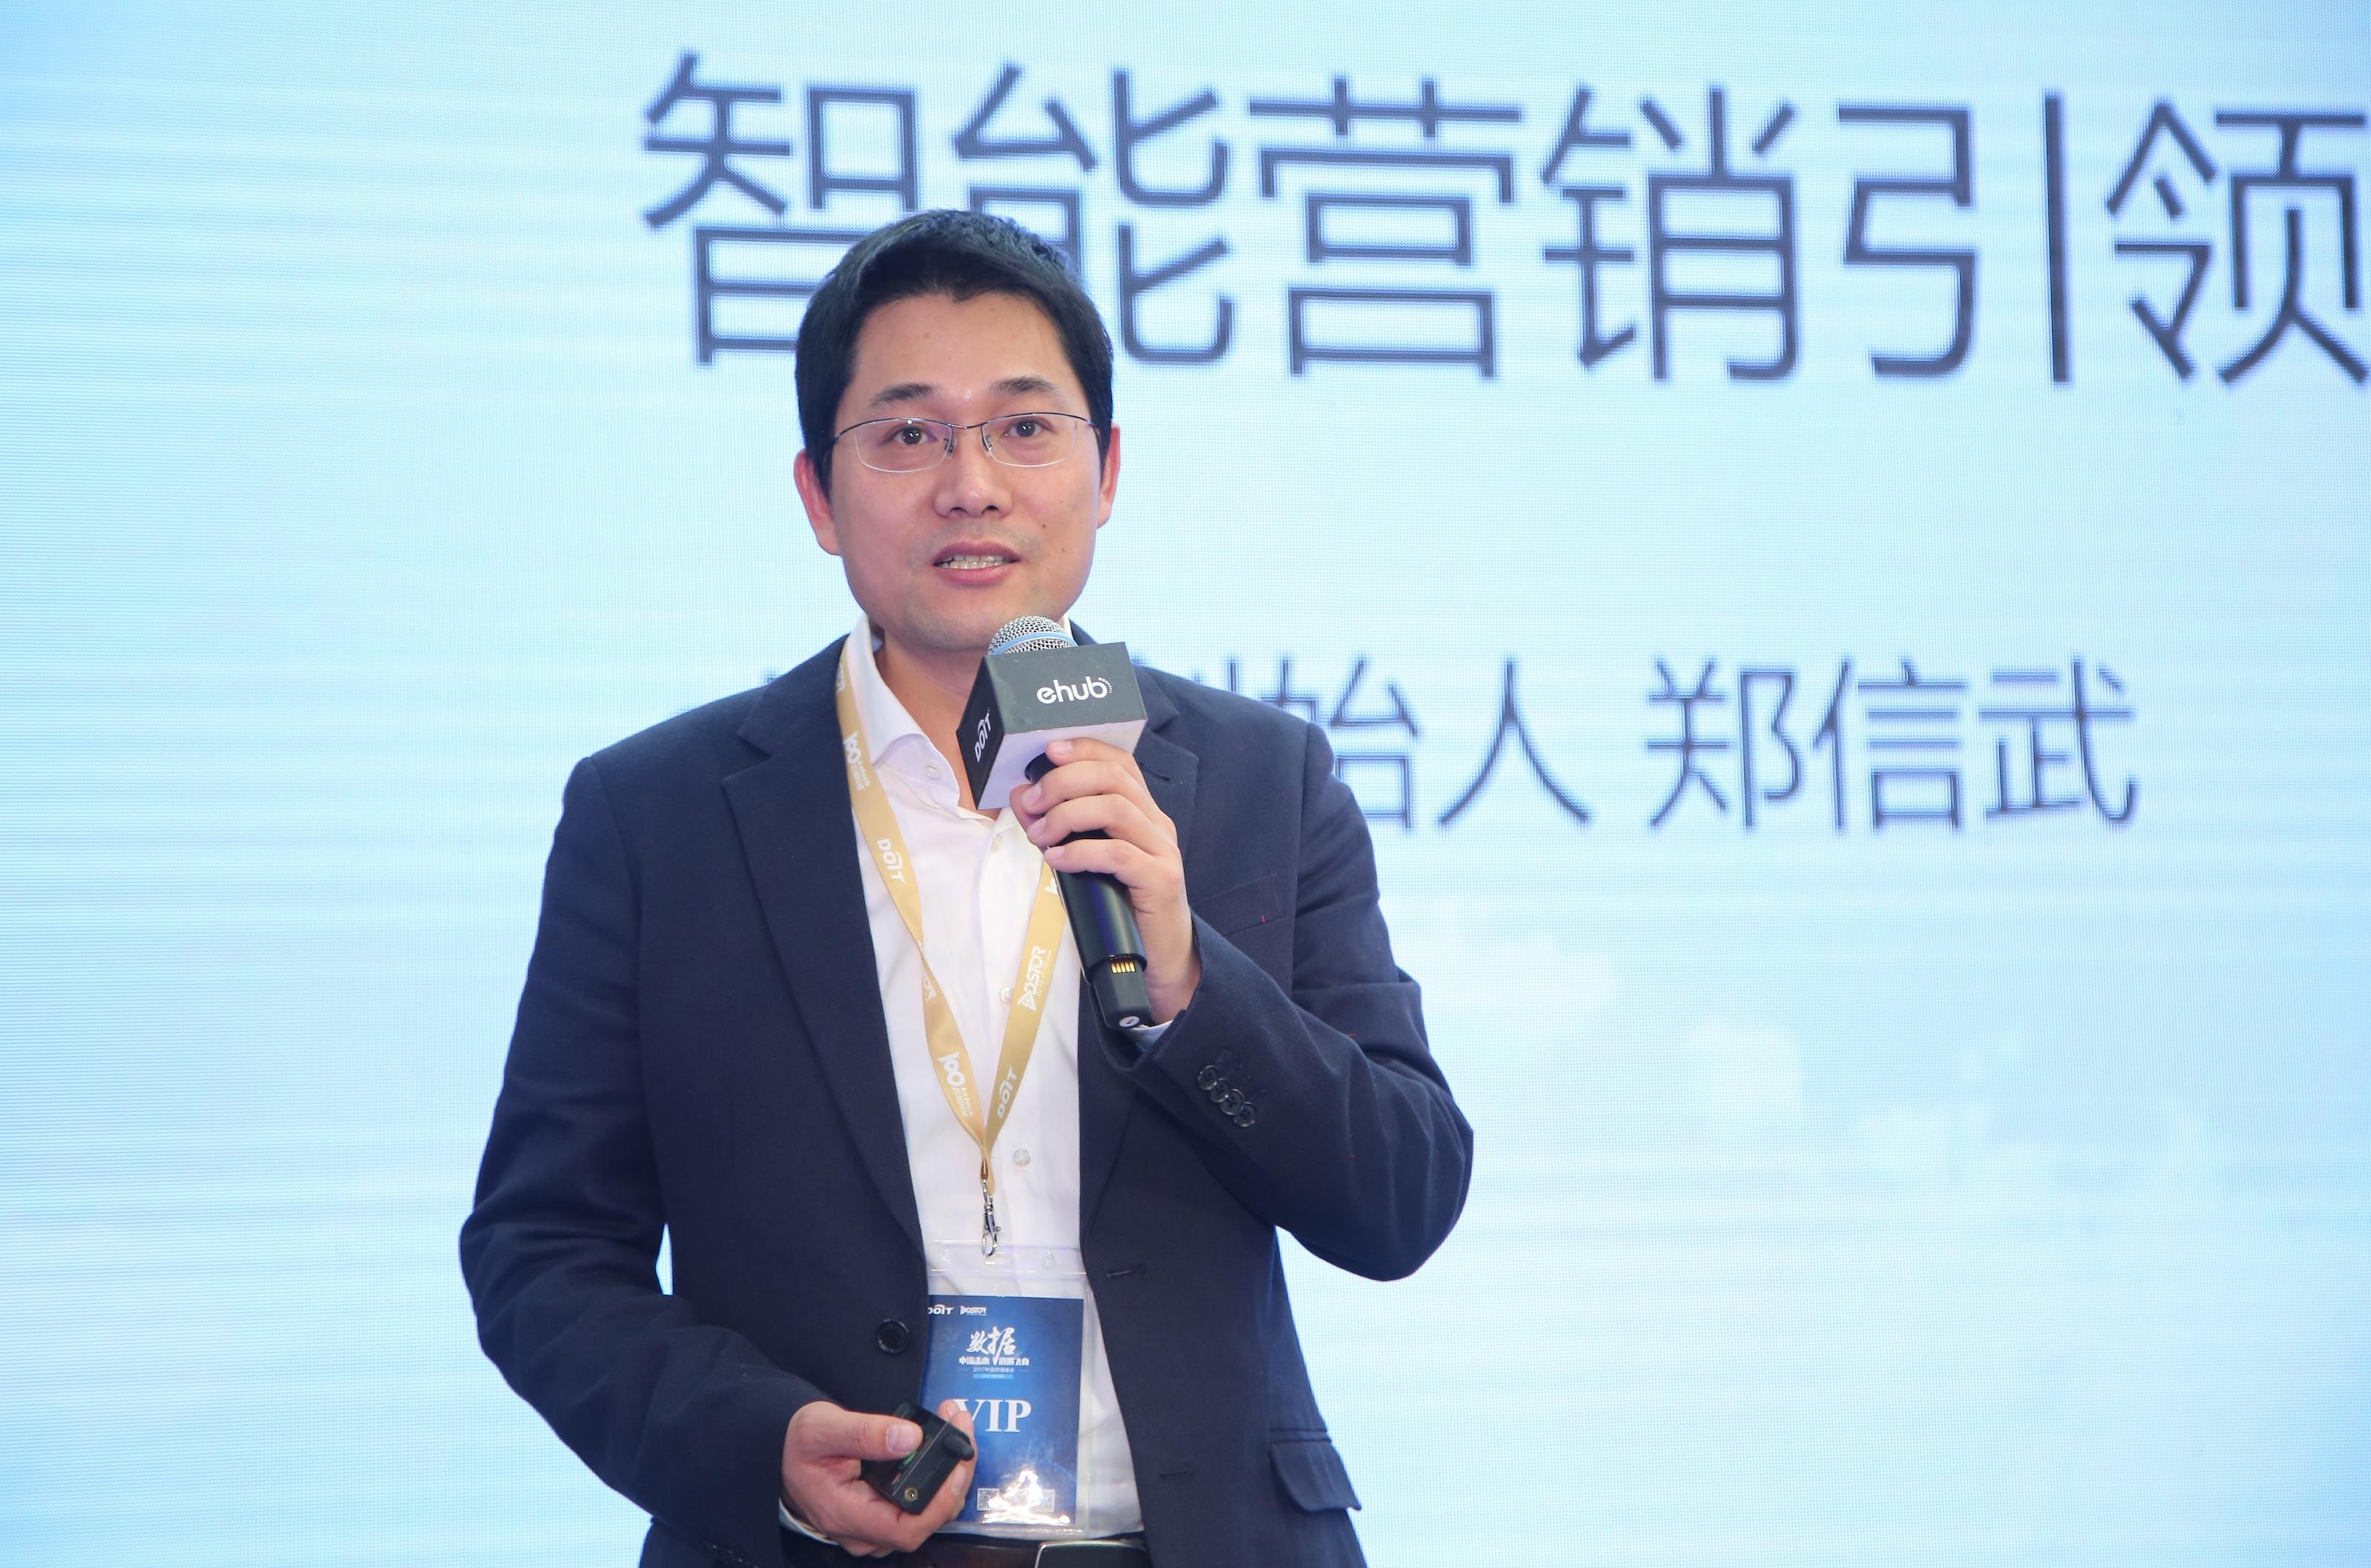 拥抱智能时代 2017中国数字经济峰会召开